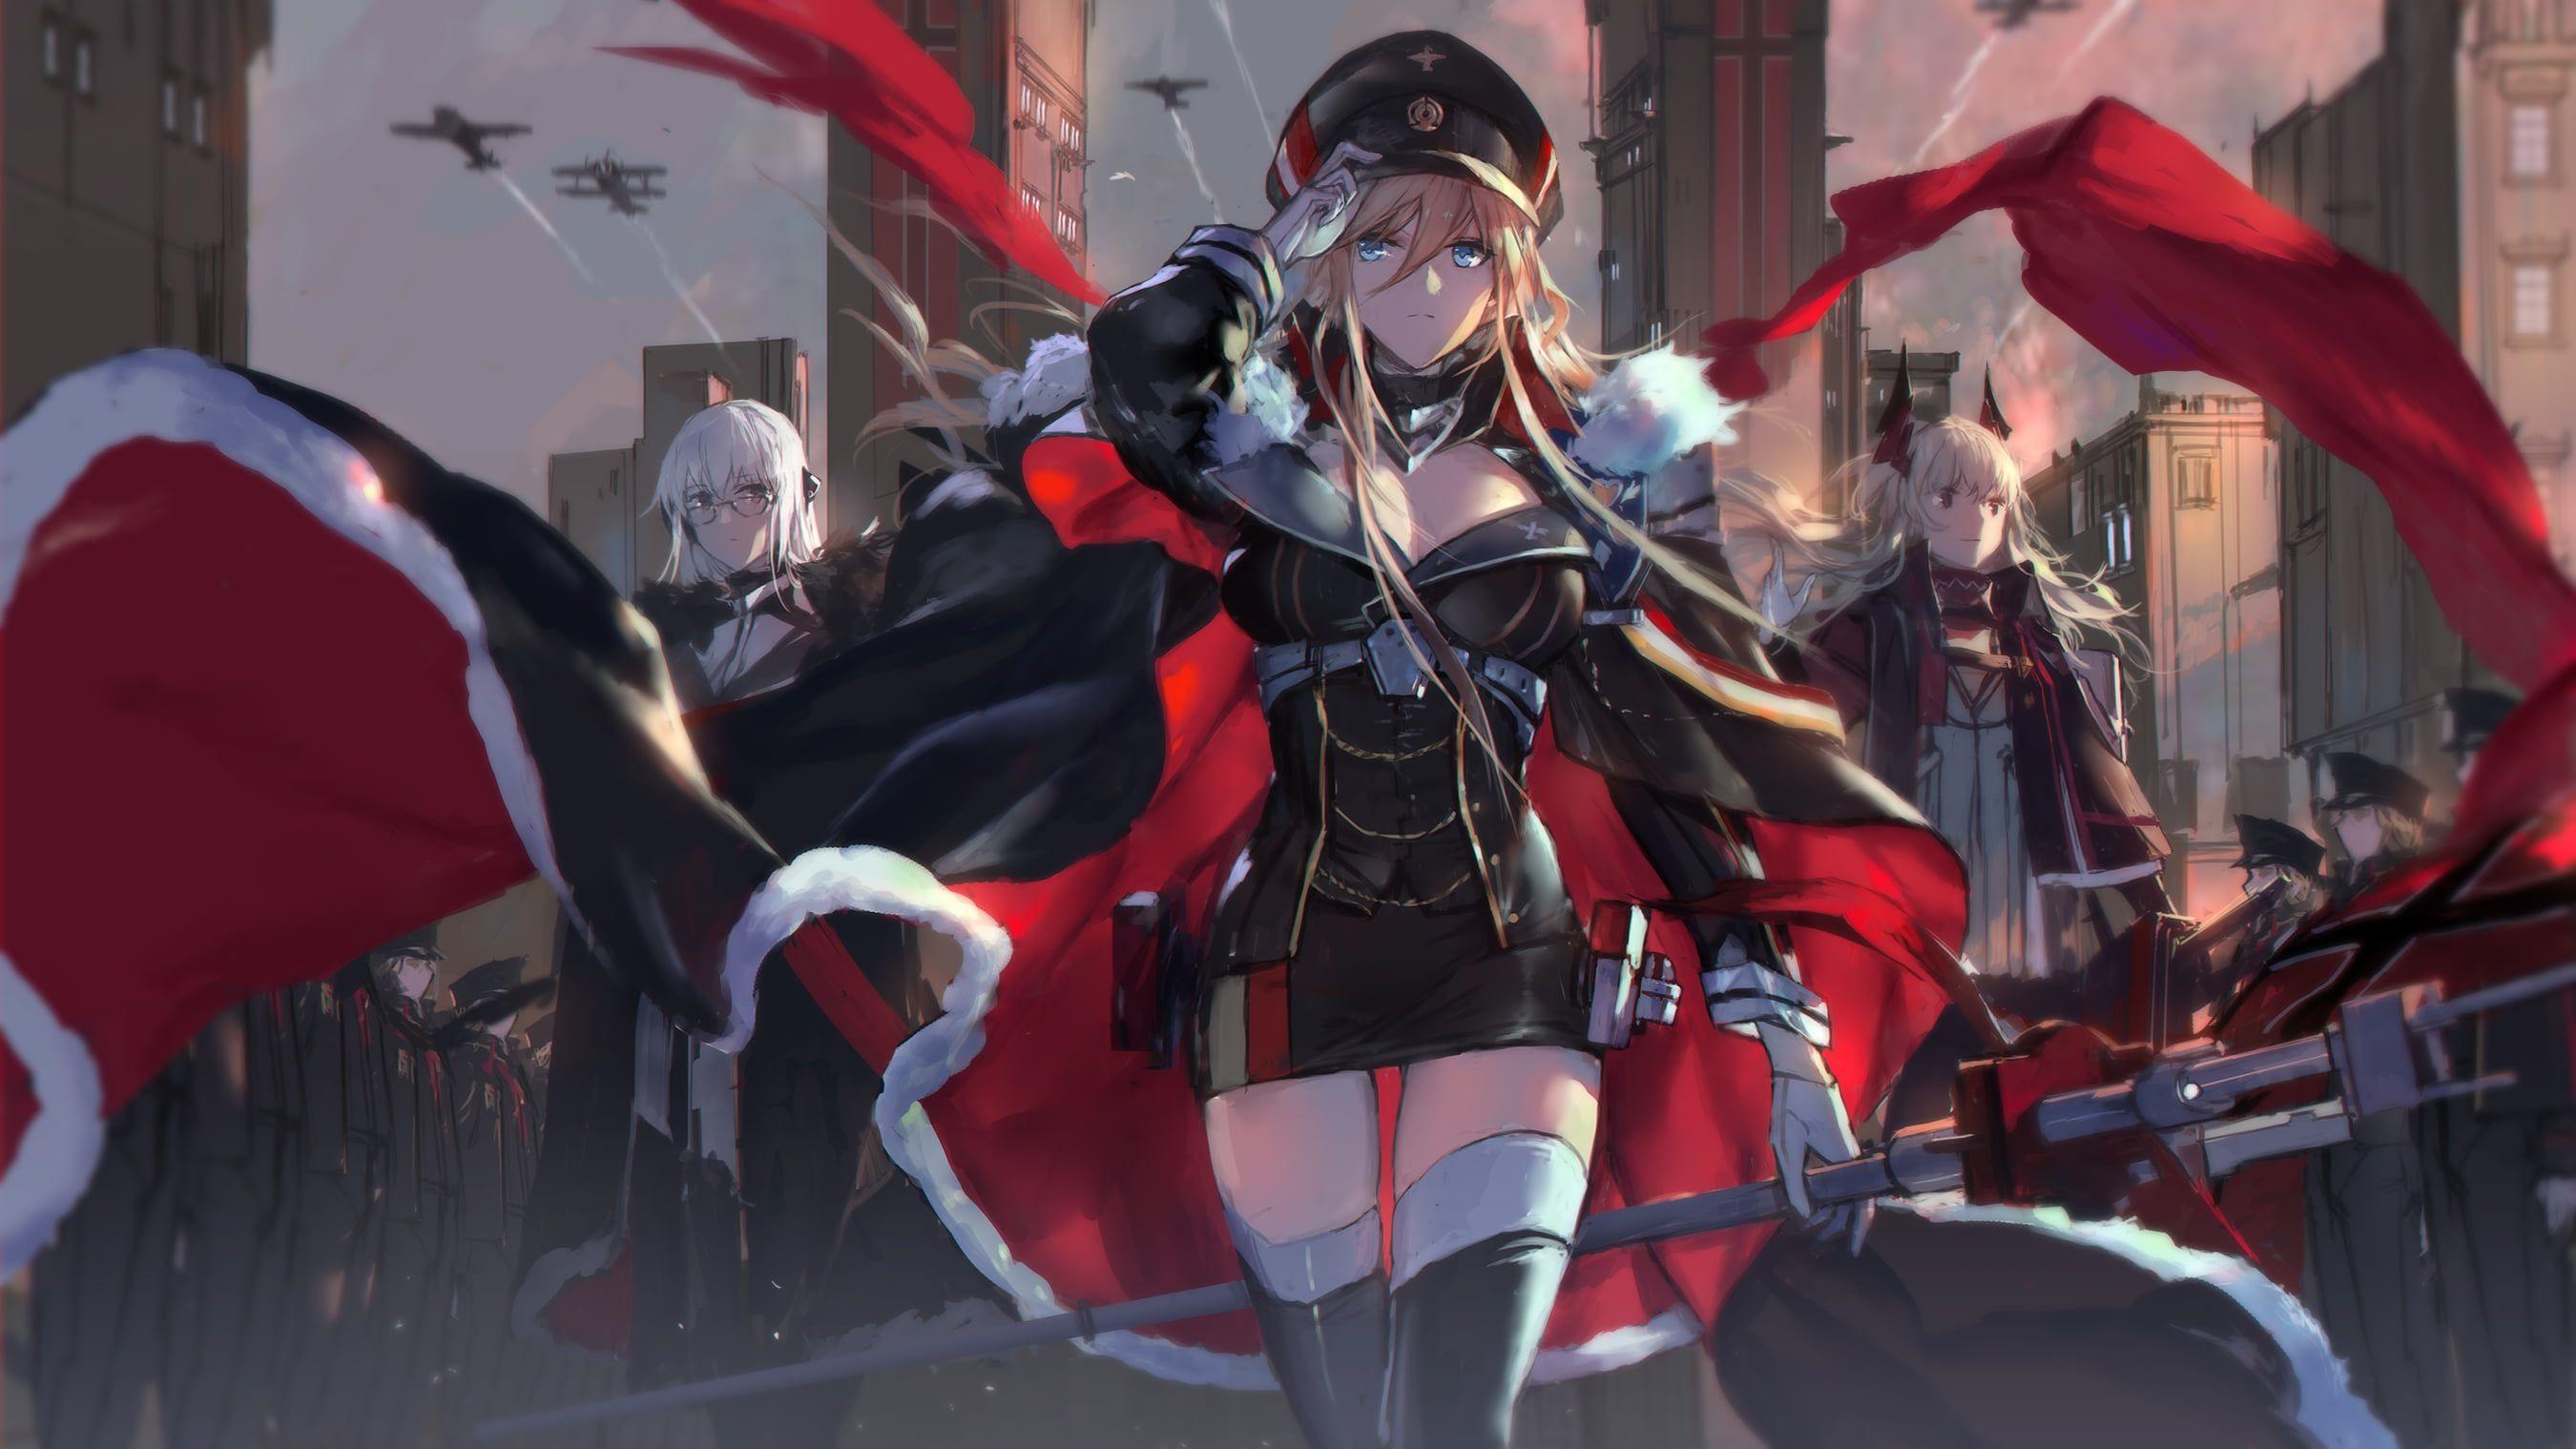 Anime Azur Lane Hood (Azur Lane) Wallpaper (Dengan gambar